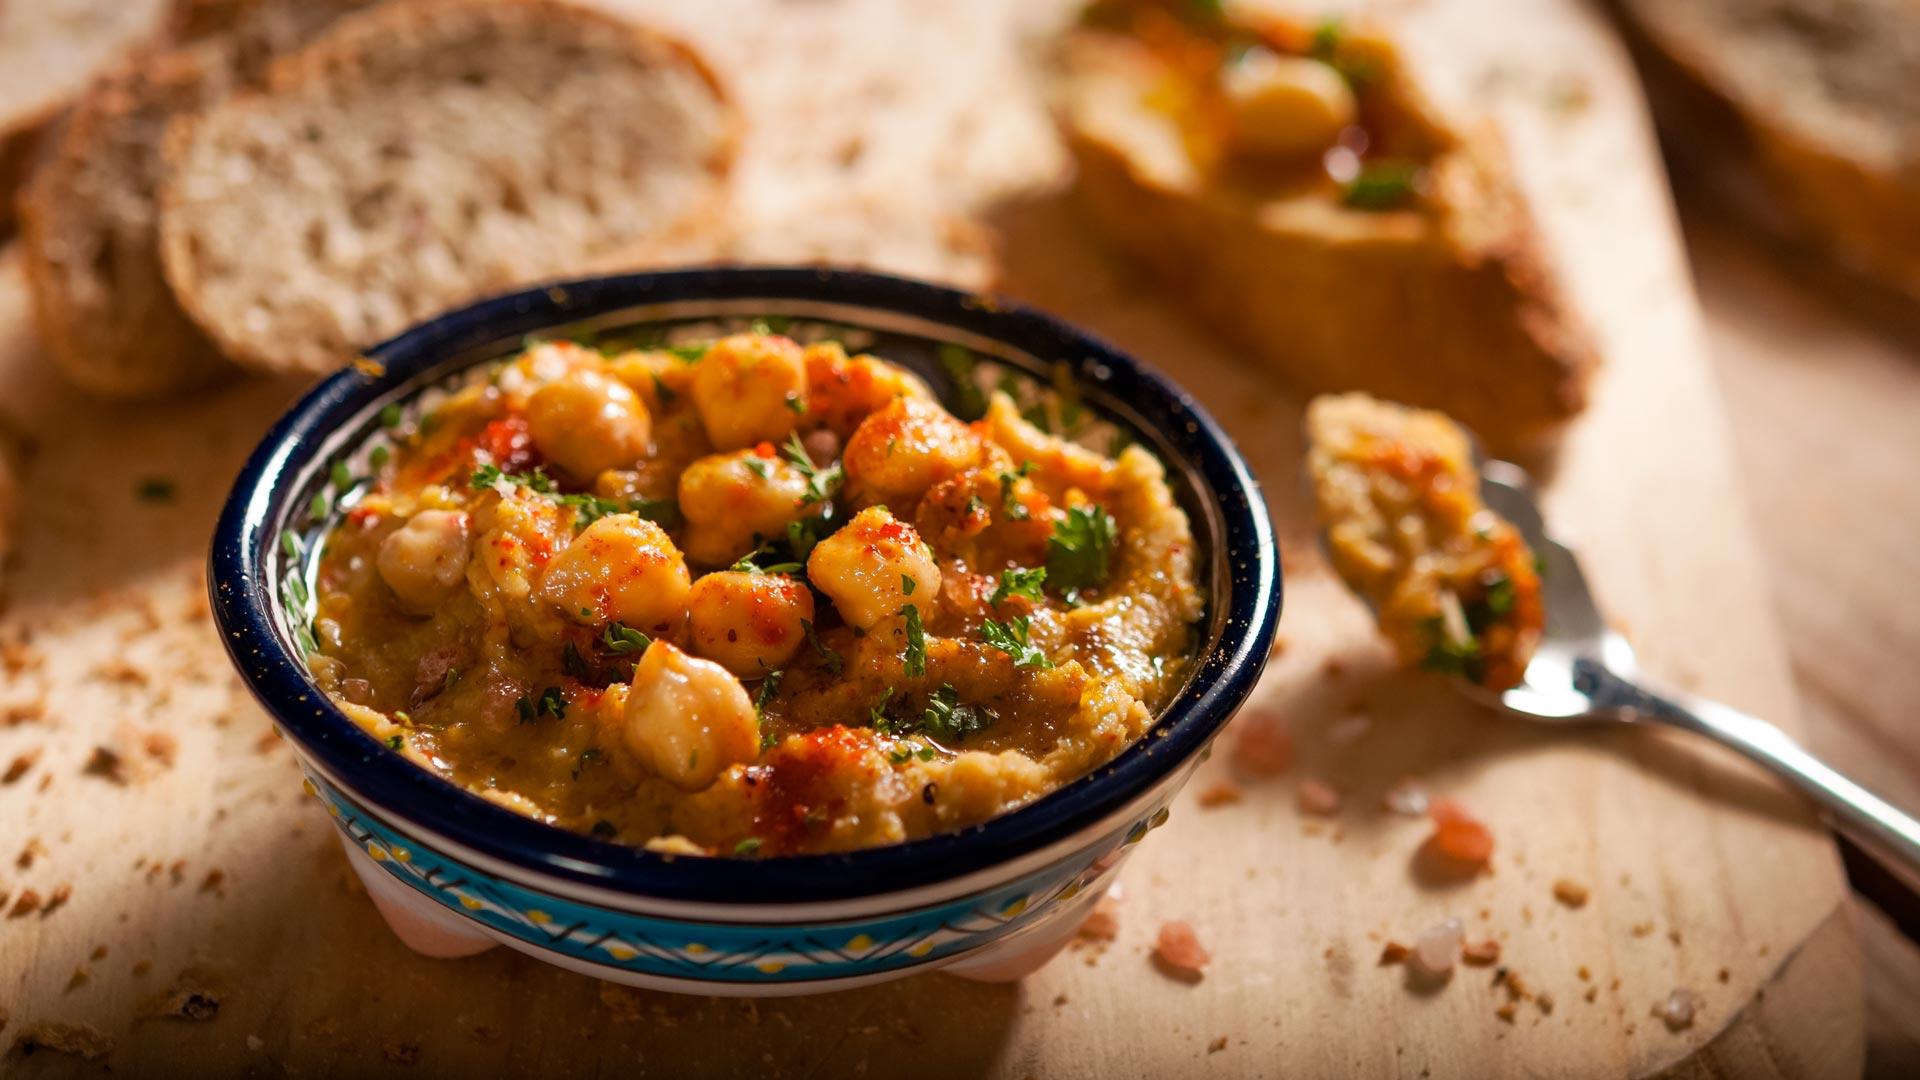 Fotografía de alimentos en Medellín, humus